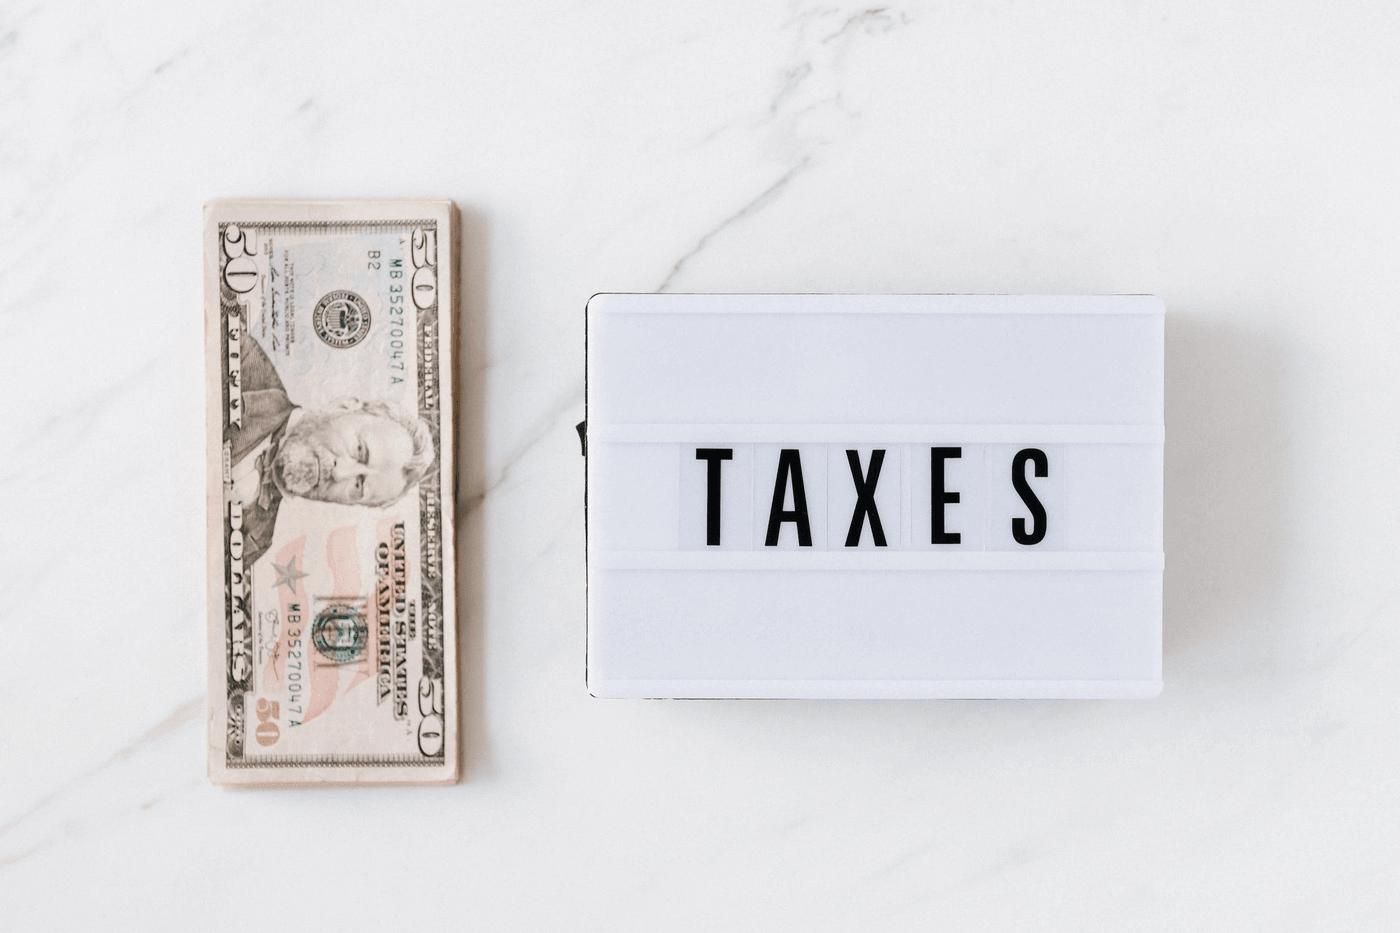 Un signe taxes à côté de billets de banque